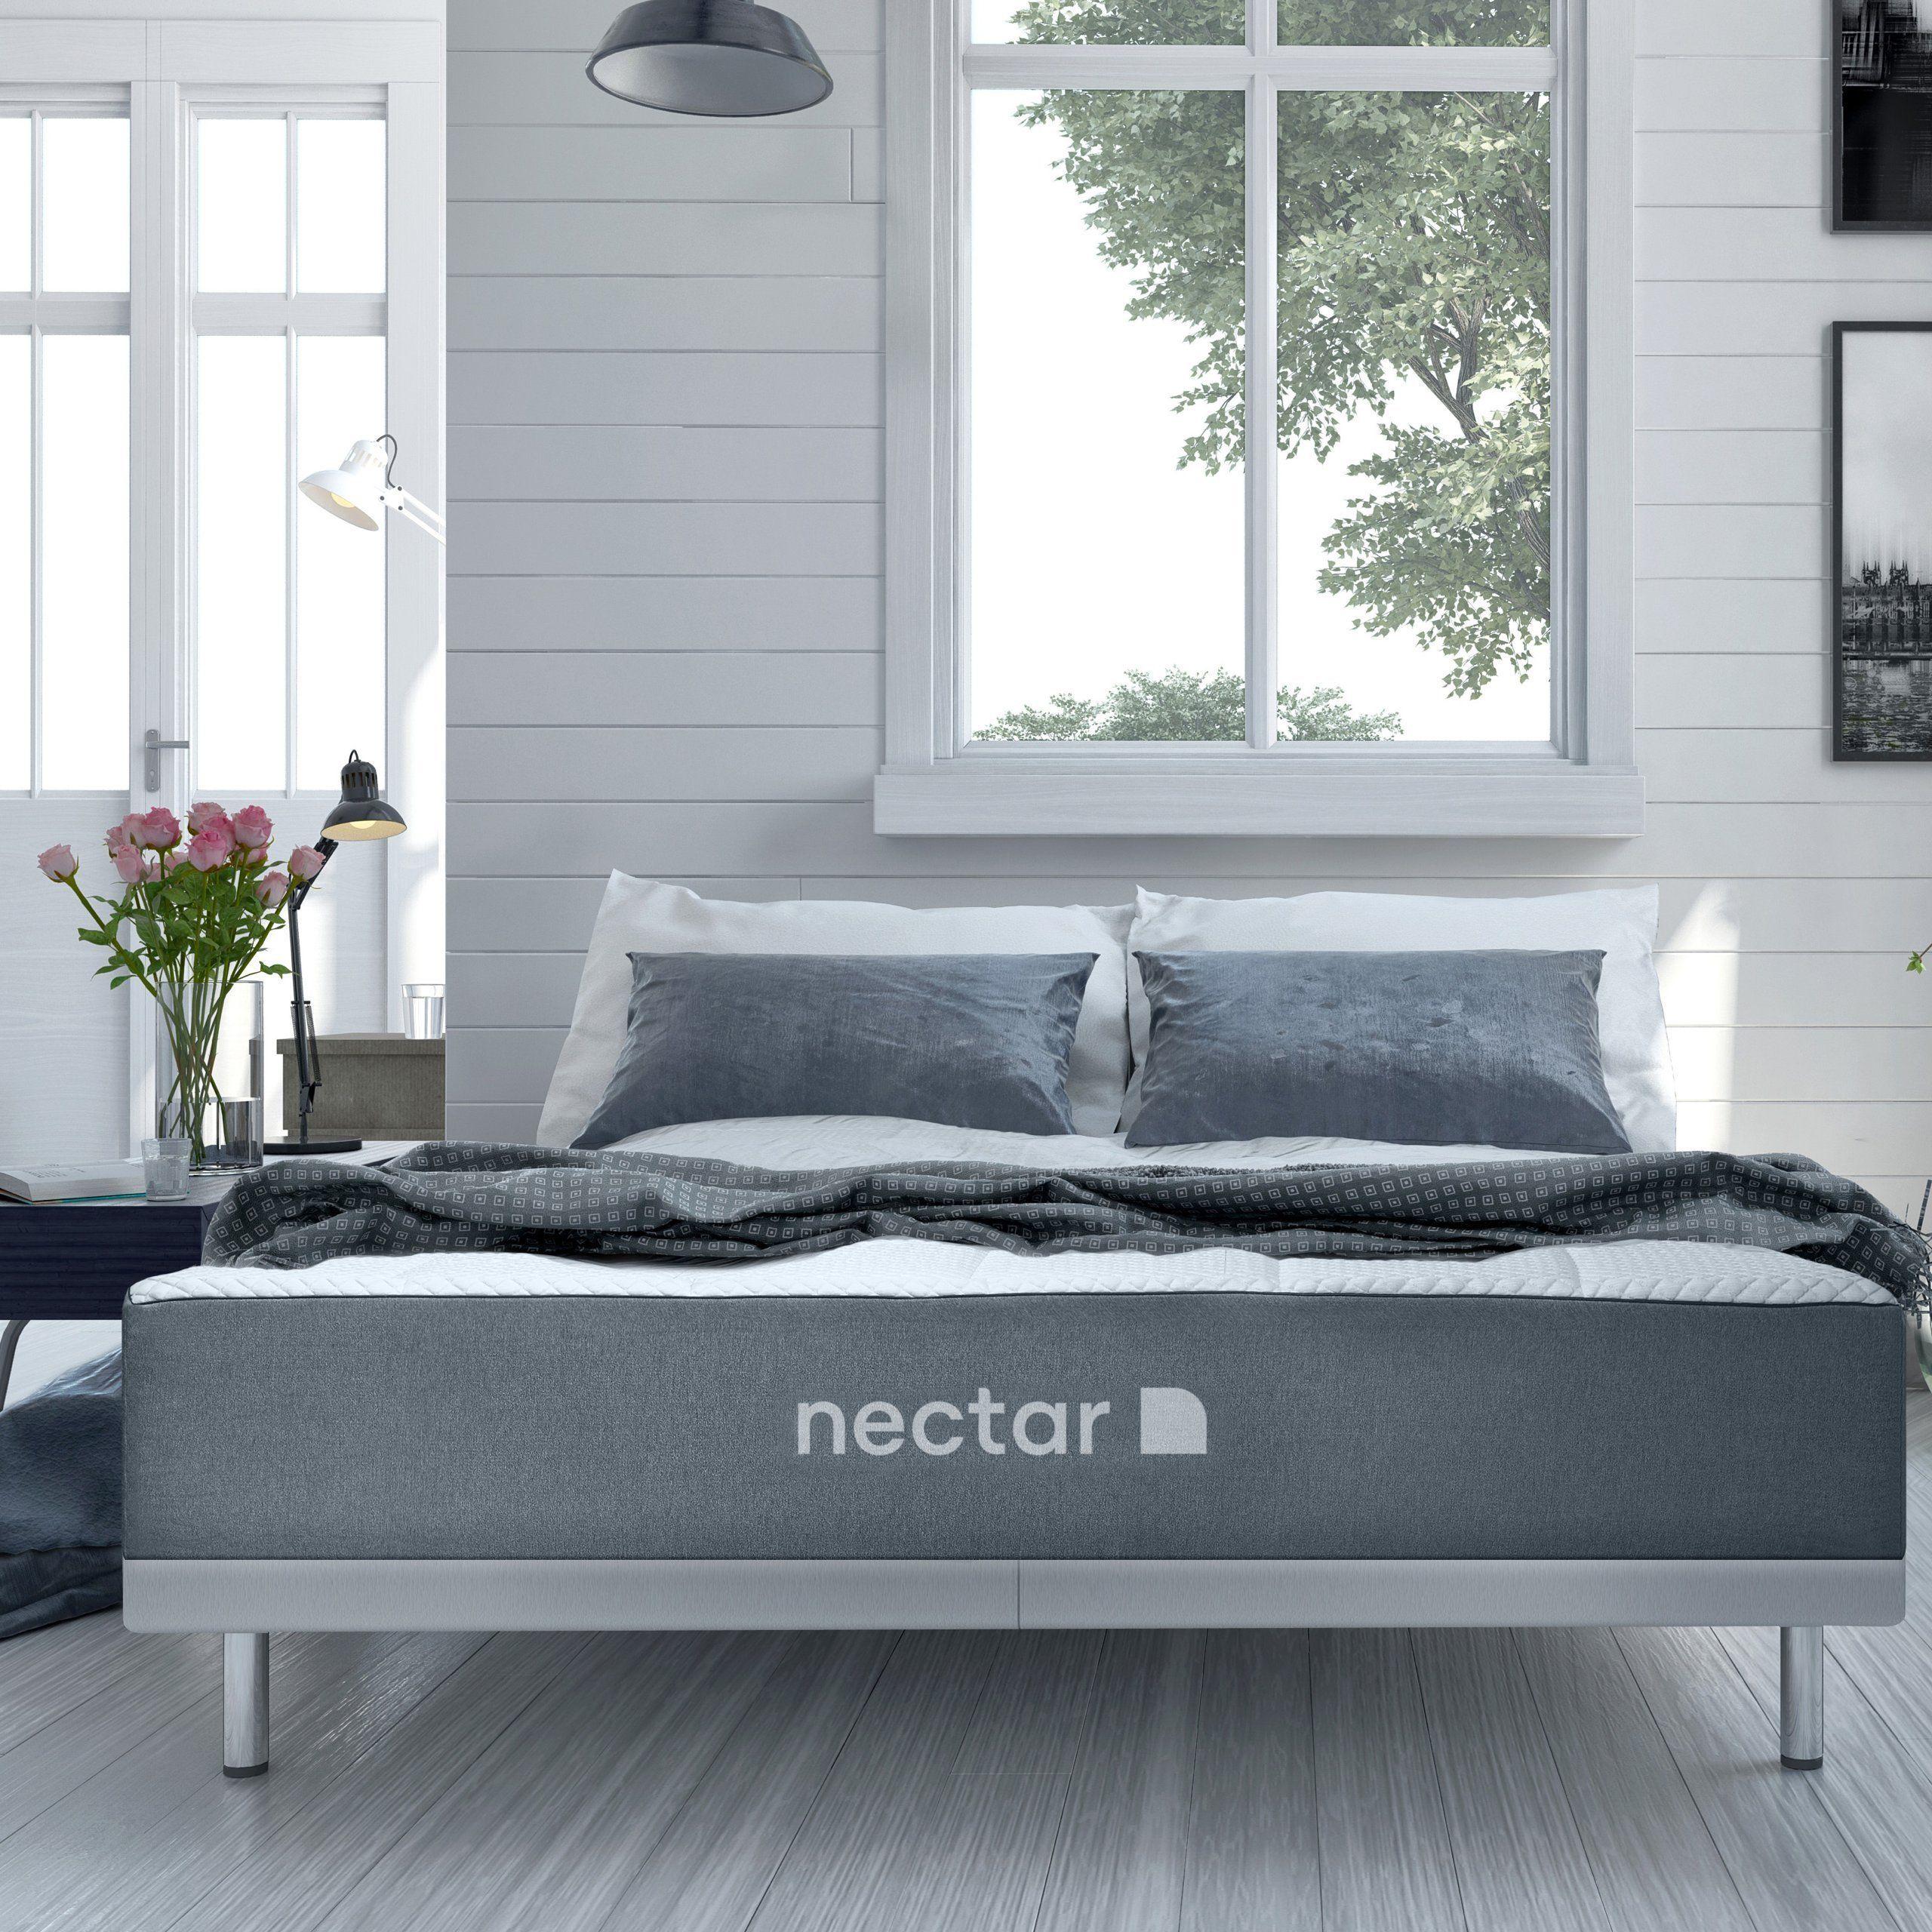 Nectar Queen Mattress 2 Free Pillows Gel Memory Foam Certipur Us